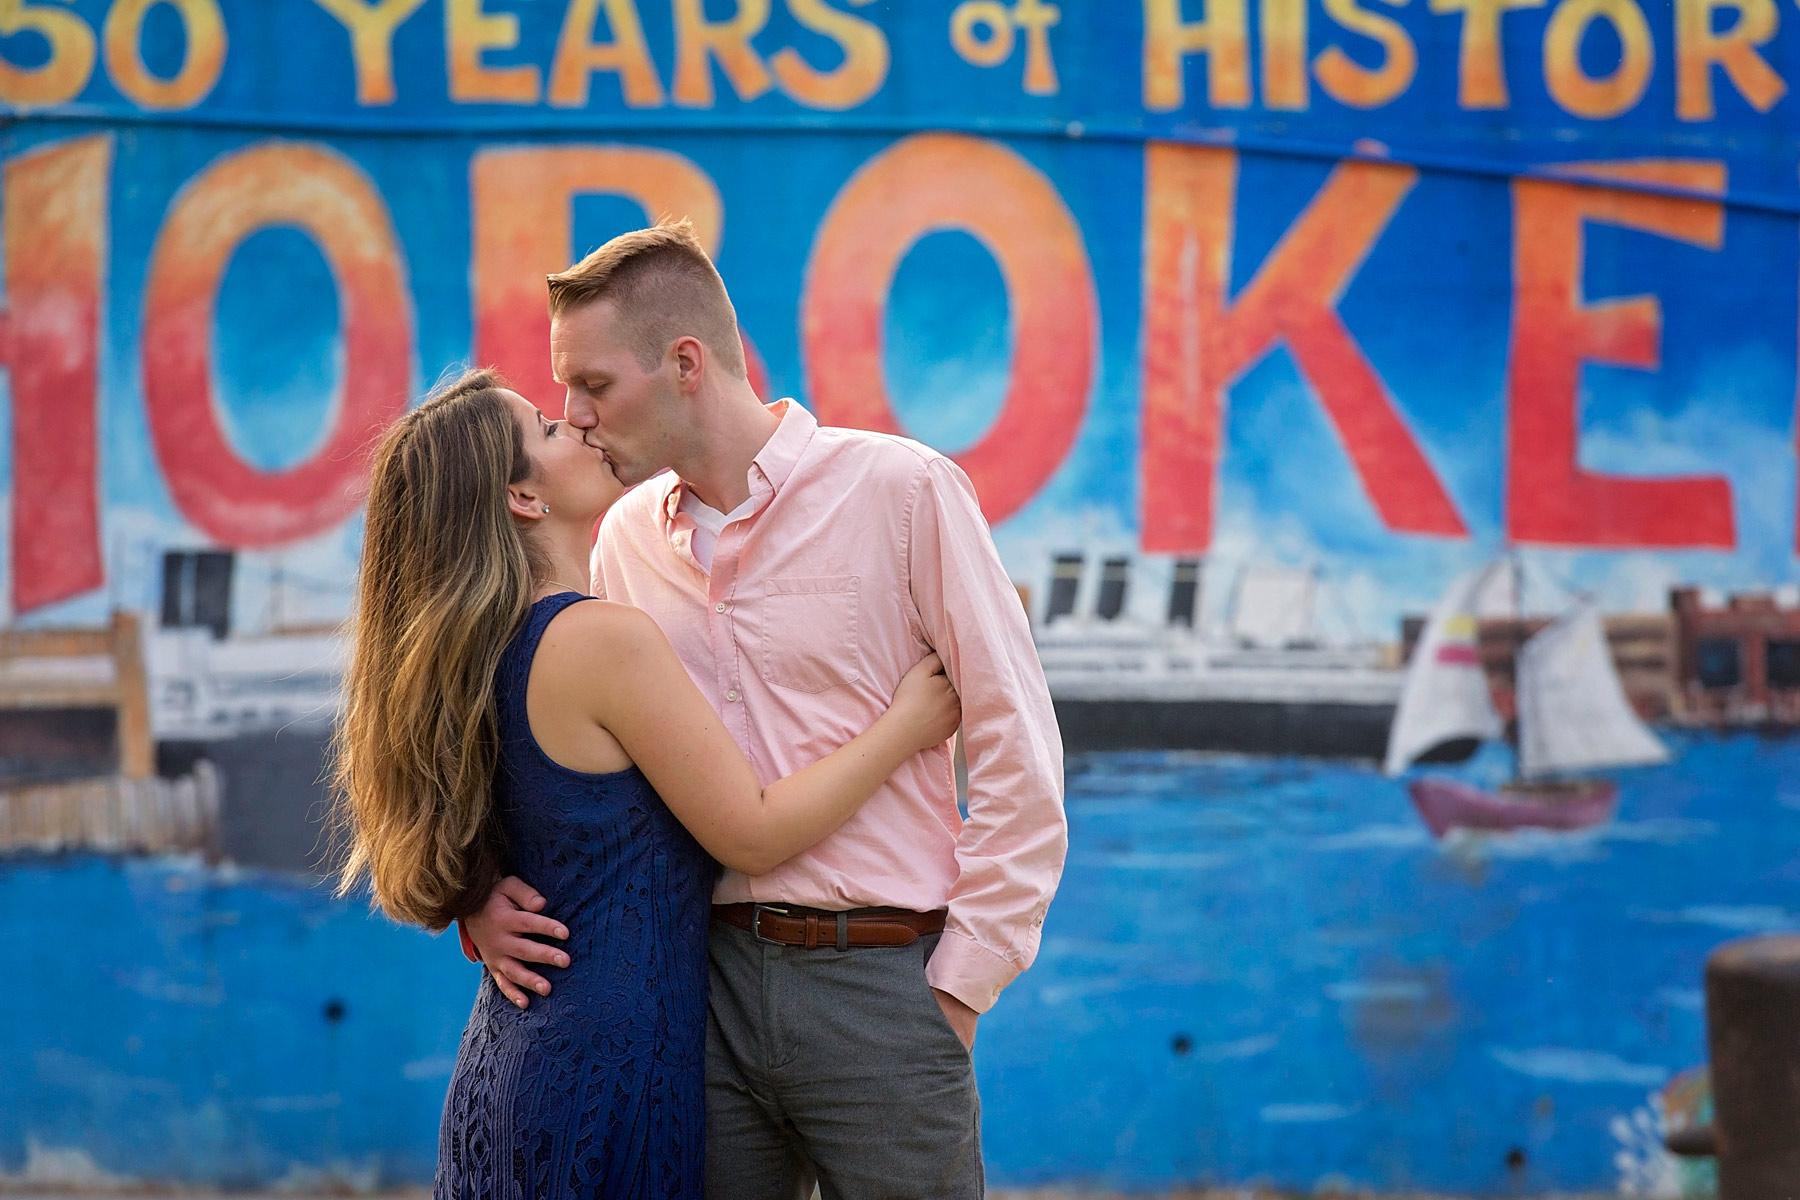 Hoboken_engagement_photographer_couple_kiss_in_front_of_Hoboken_billboard.JPG